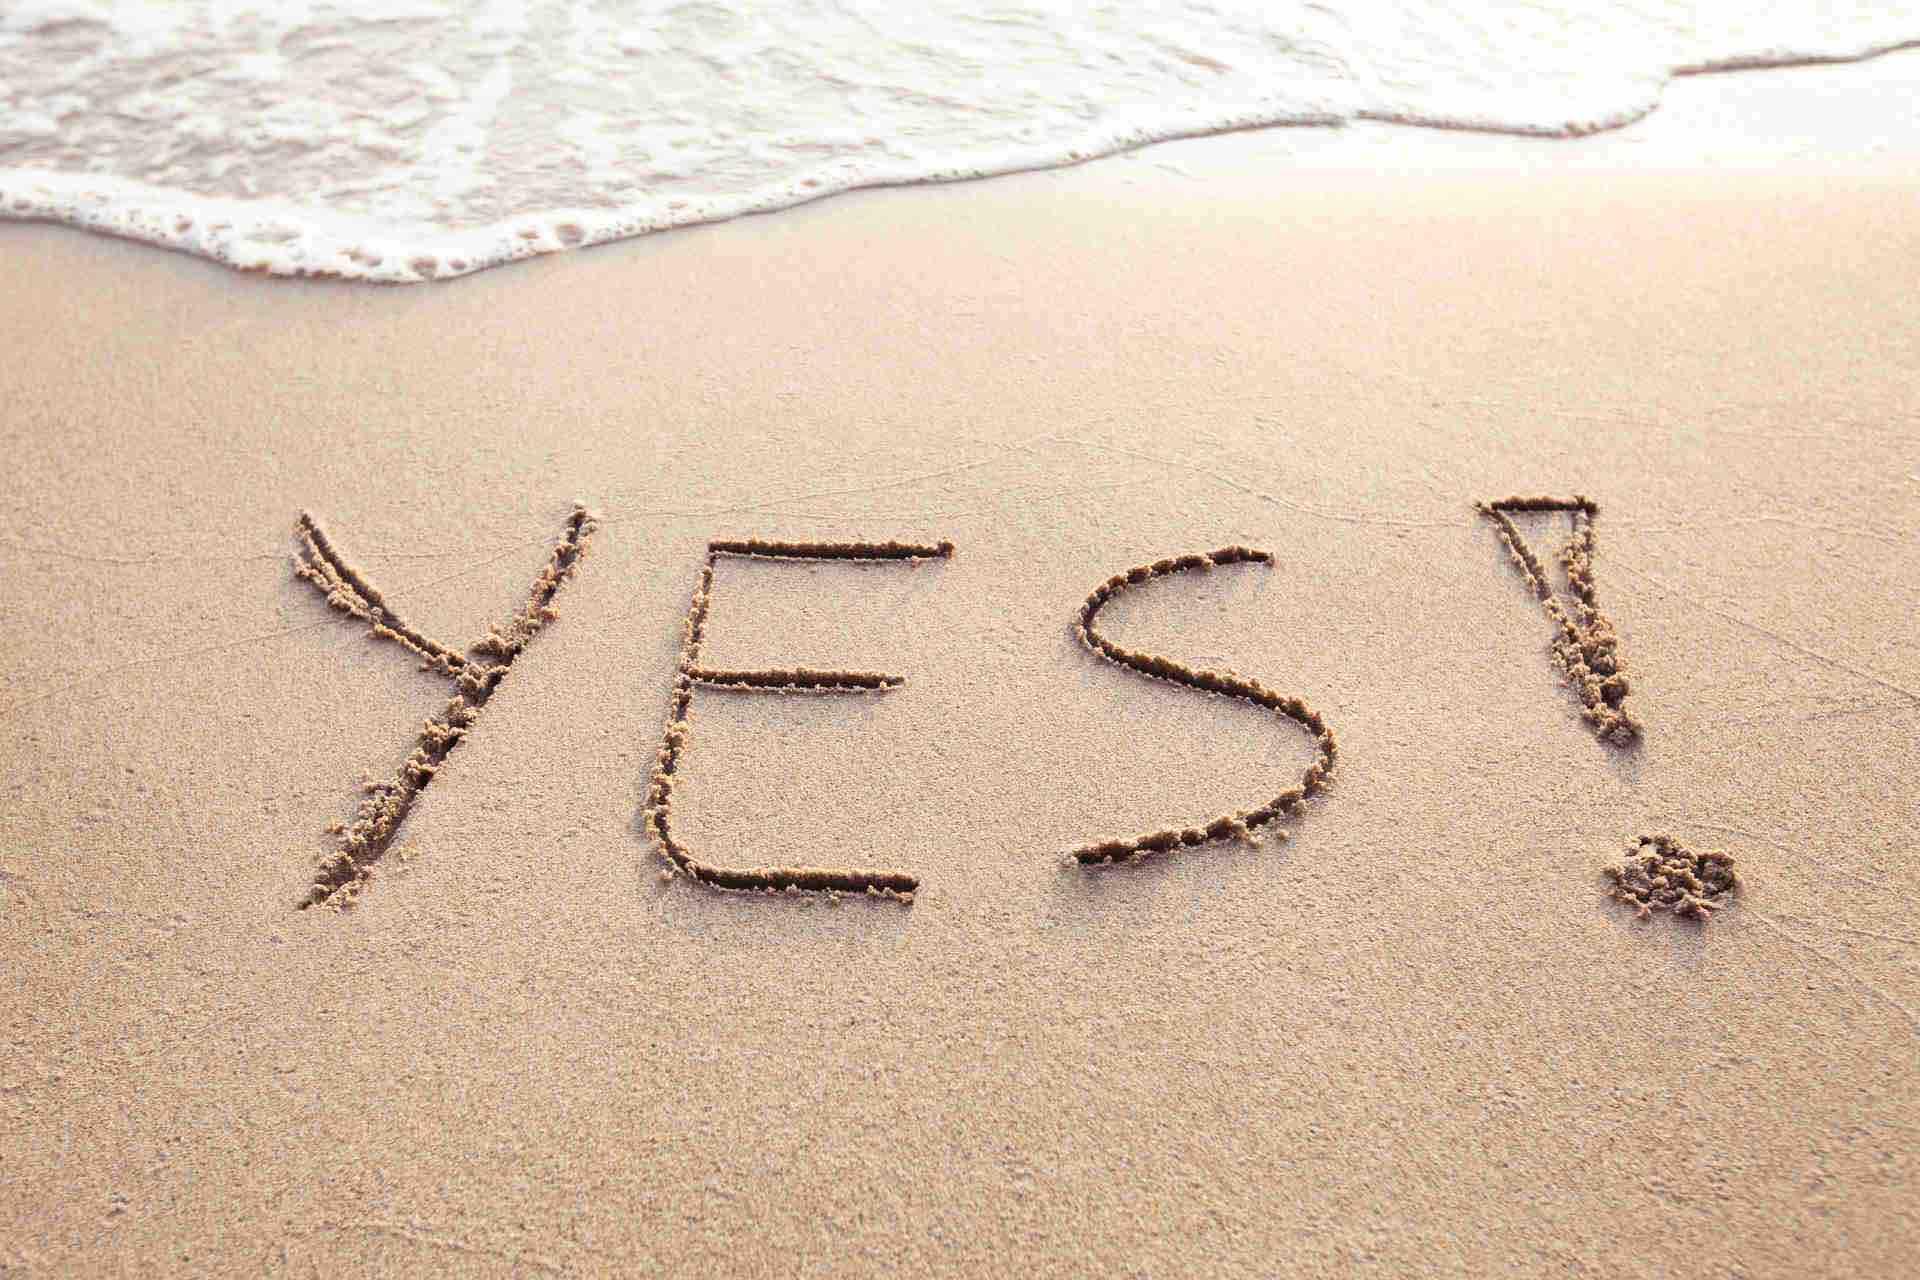 das-wort-yes-im-sand-geschrieben